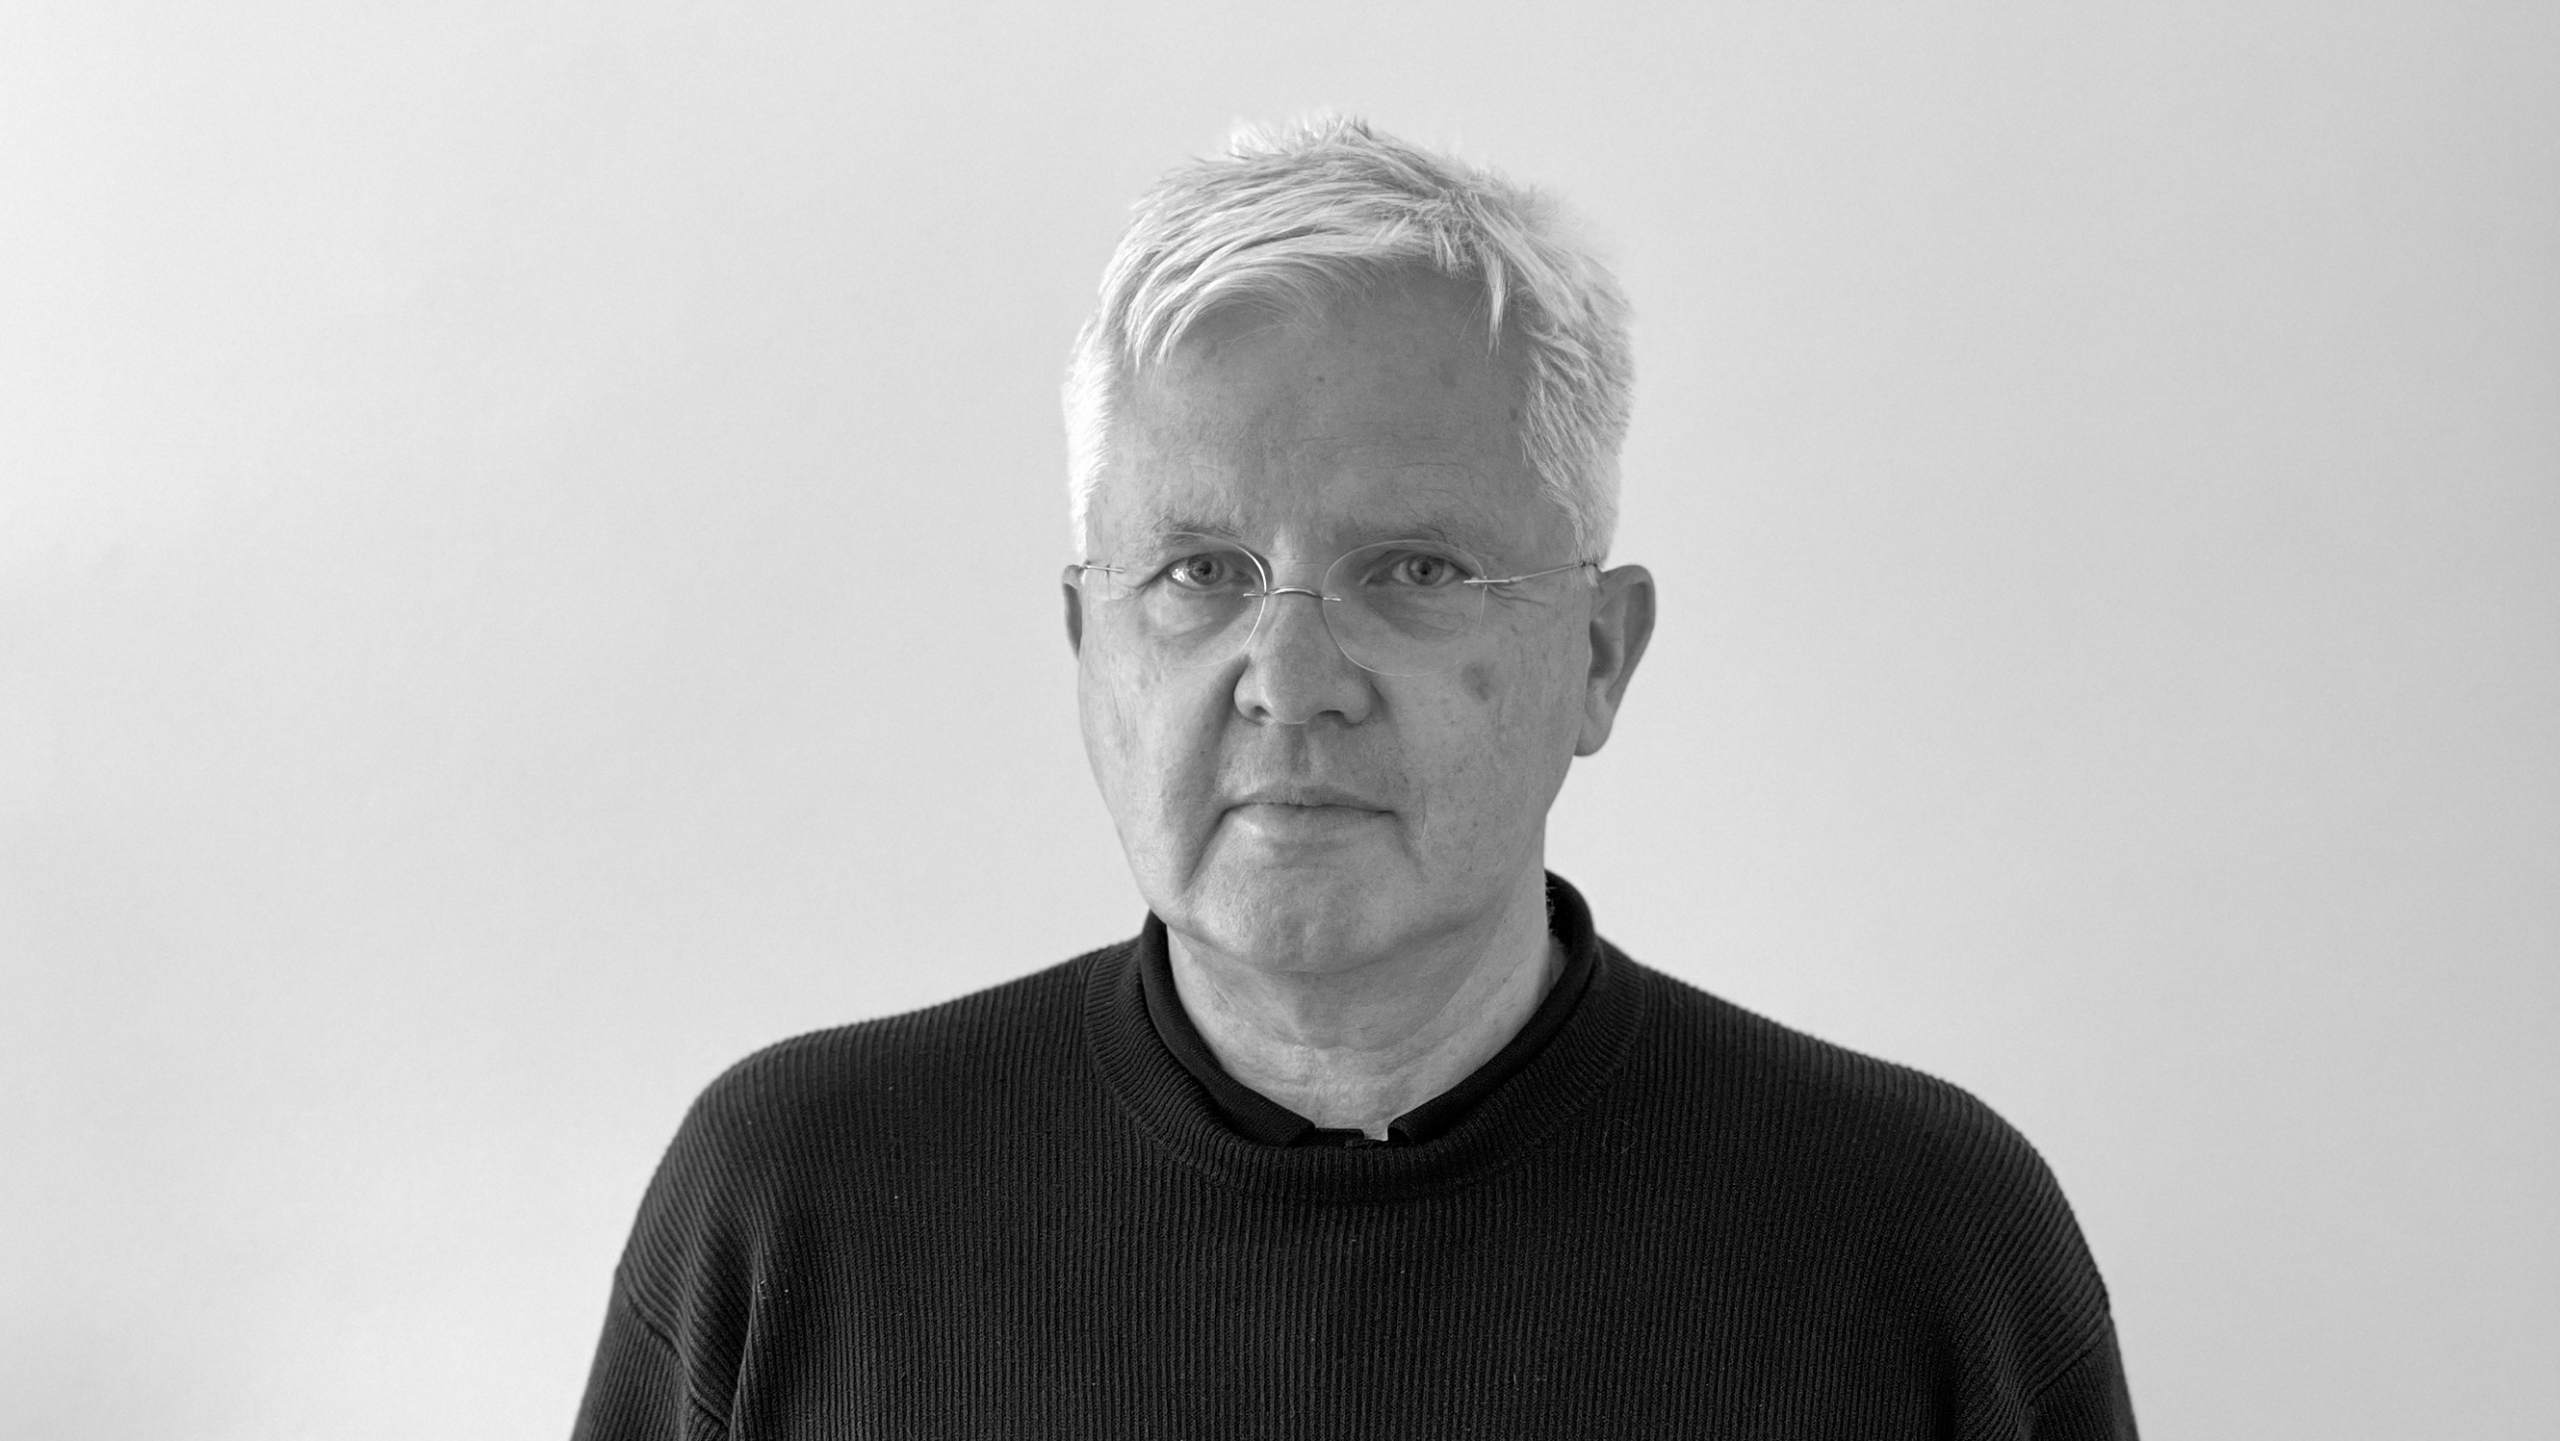 Dirk Eicker